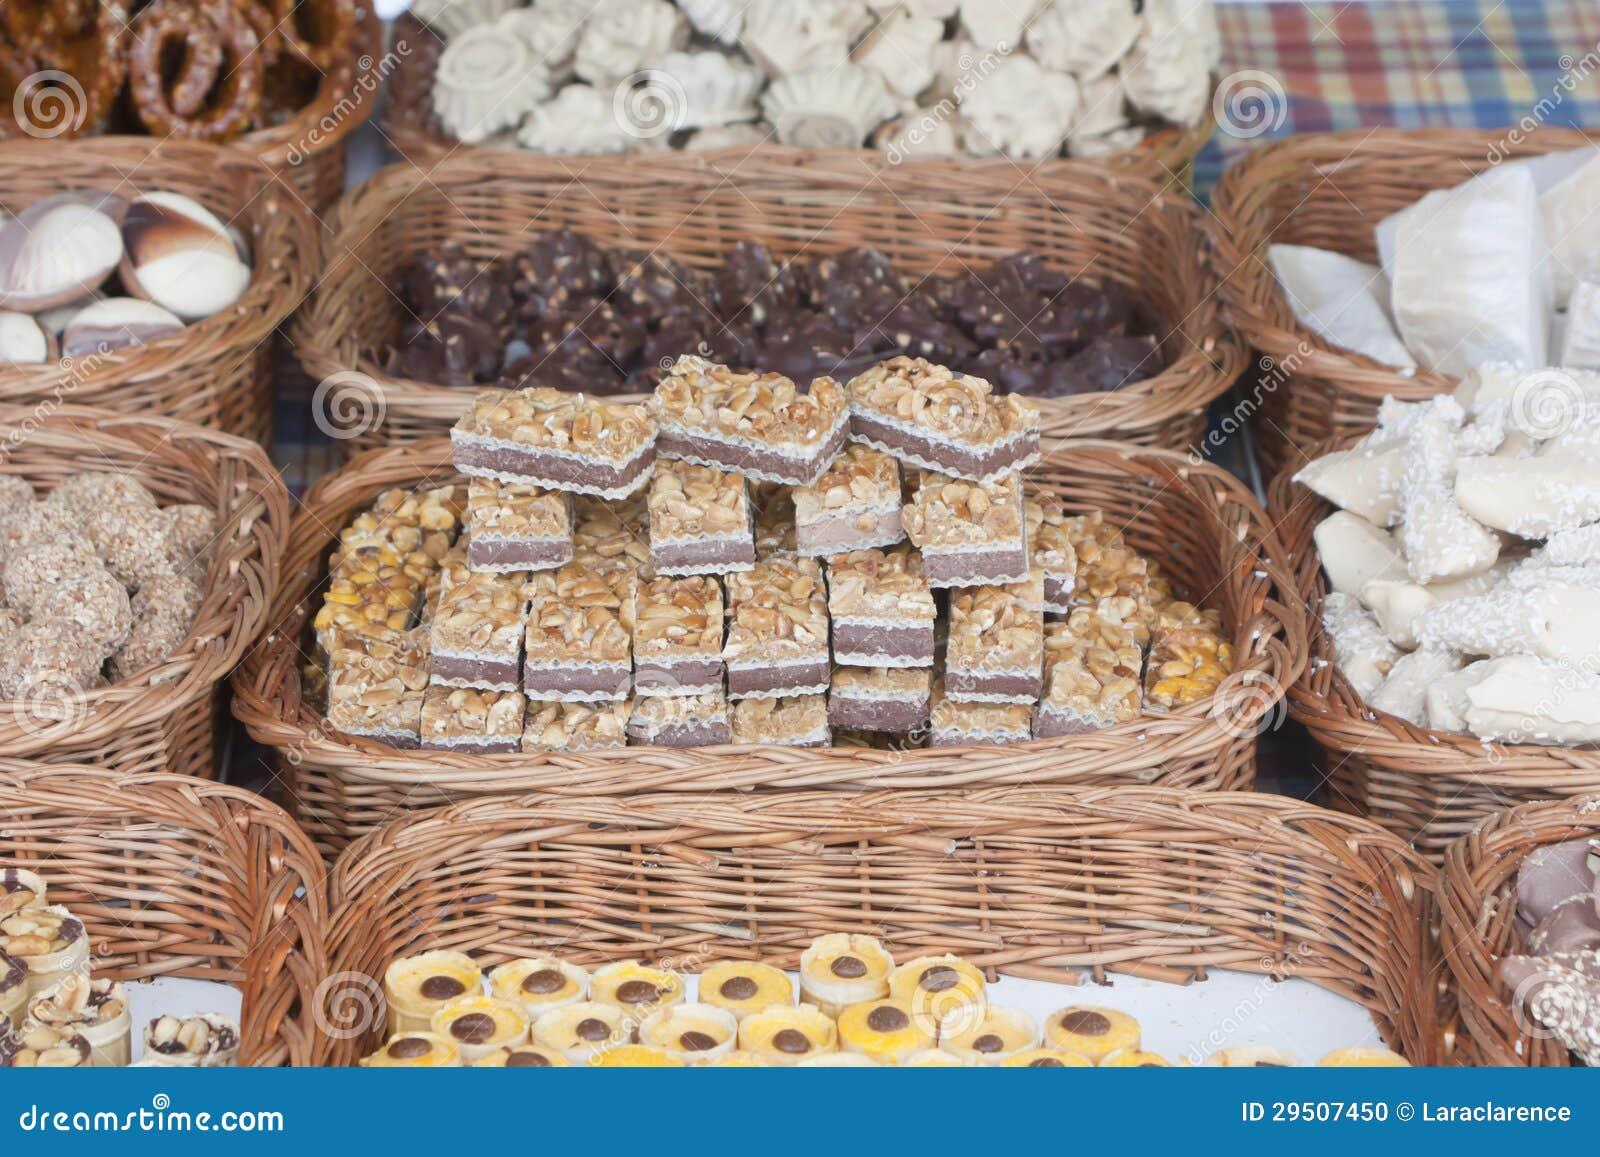 Desserts in rieten manden